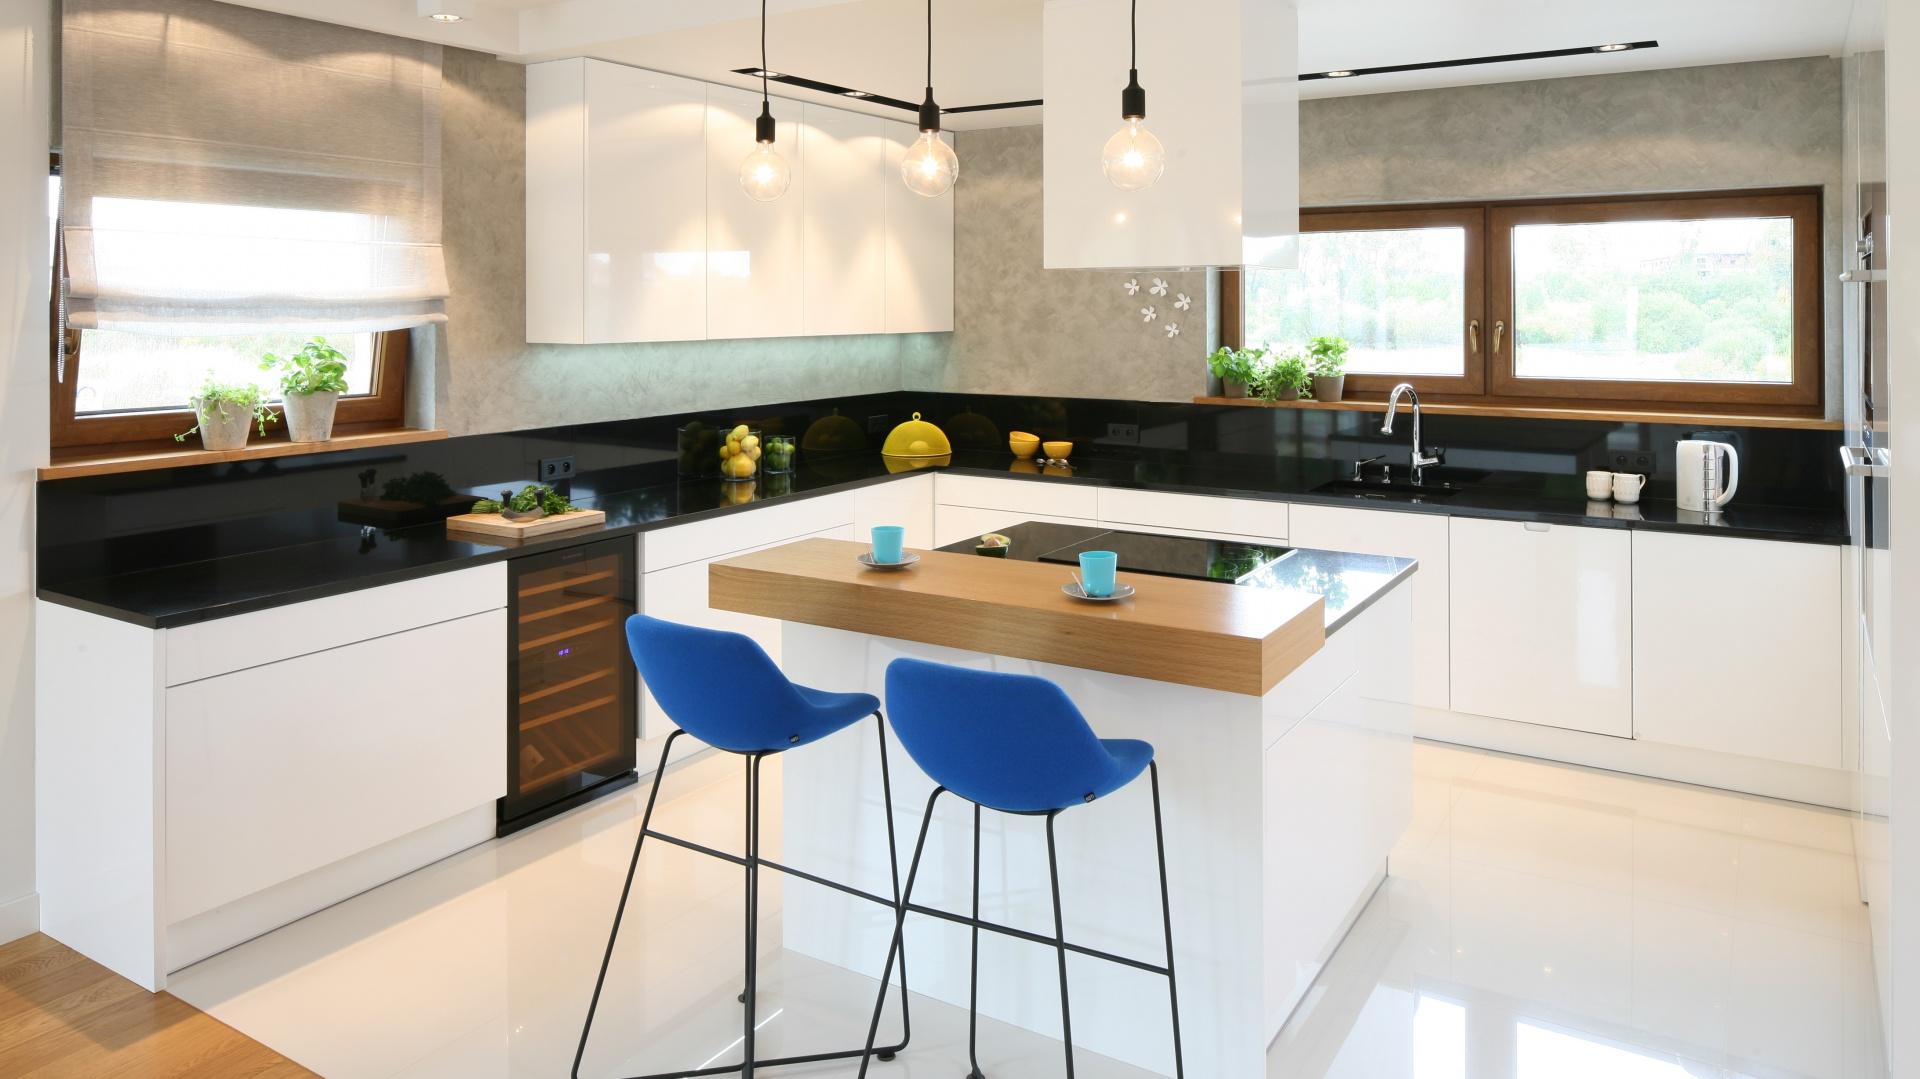 Image Result For Modern Kitchen Bar